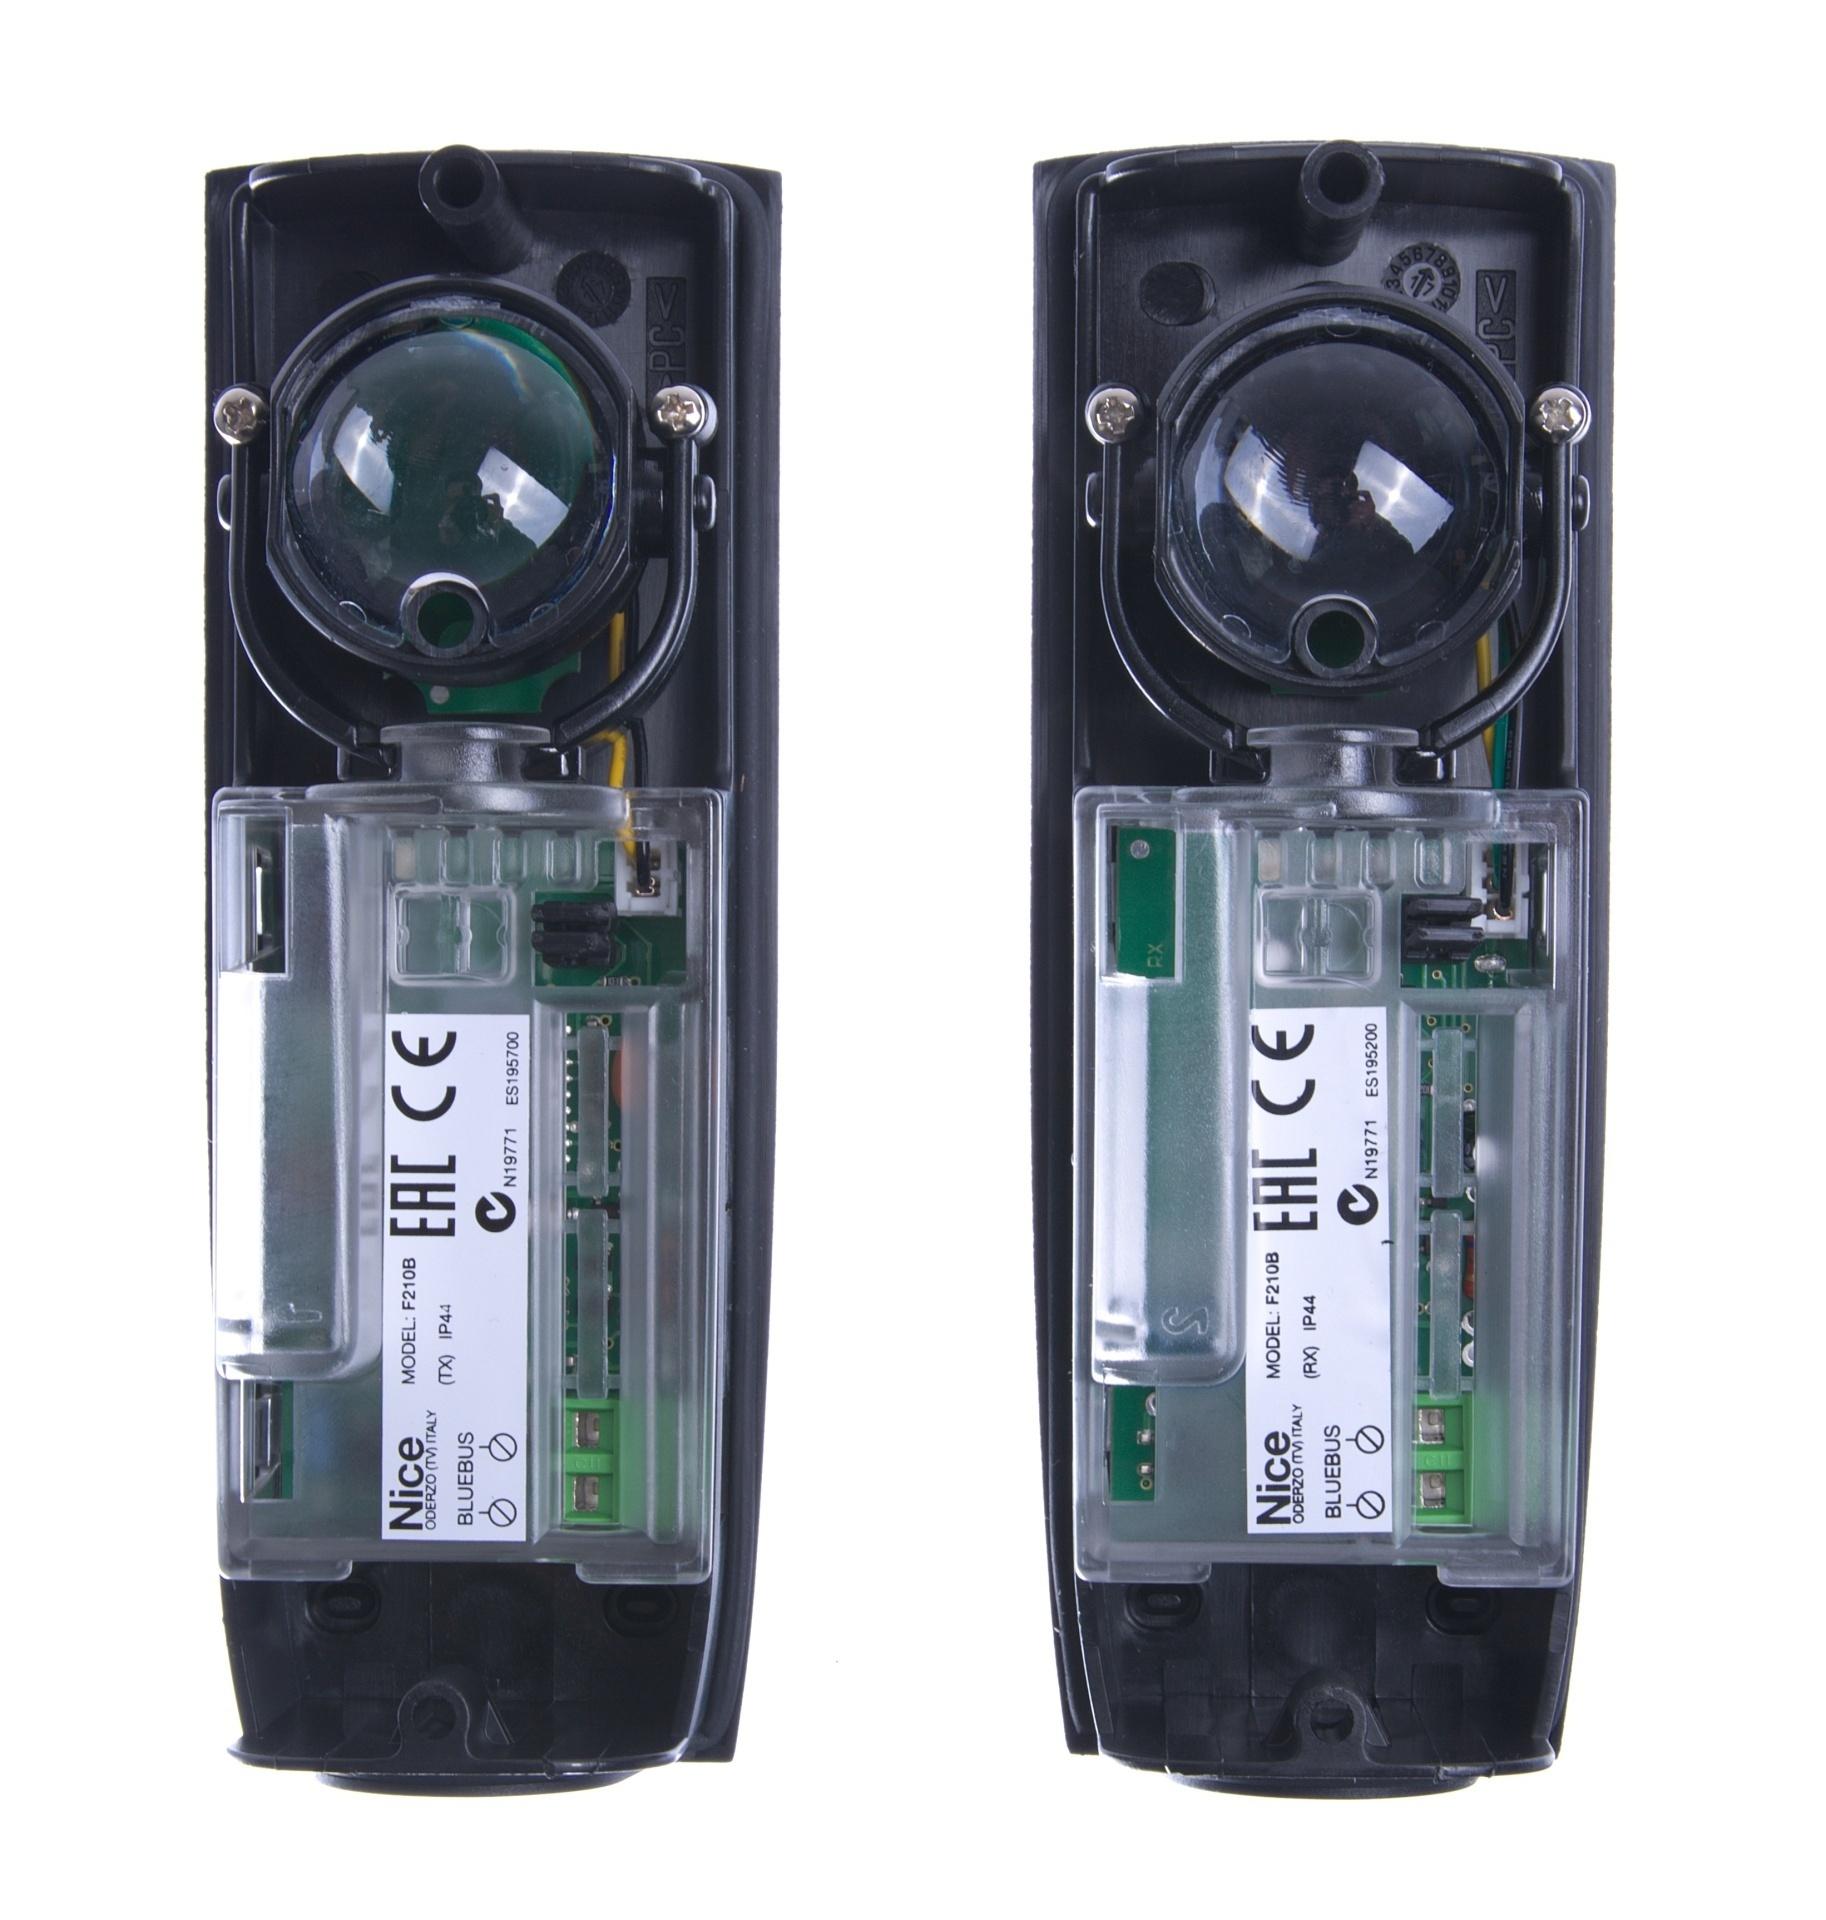 fotobuňky bezpečnostní Nice F210B k pohonům vrat s BlueBus sběrnicí